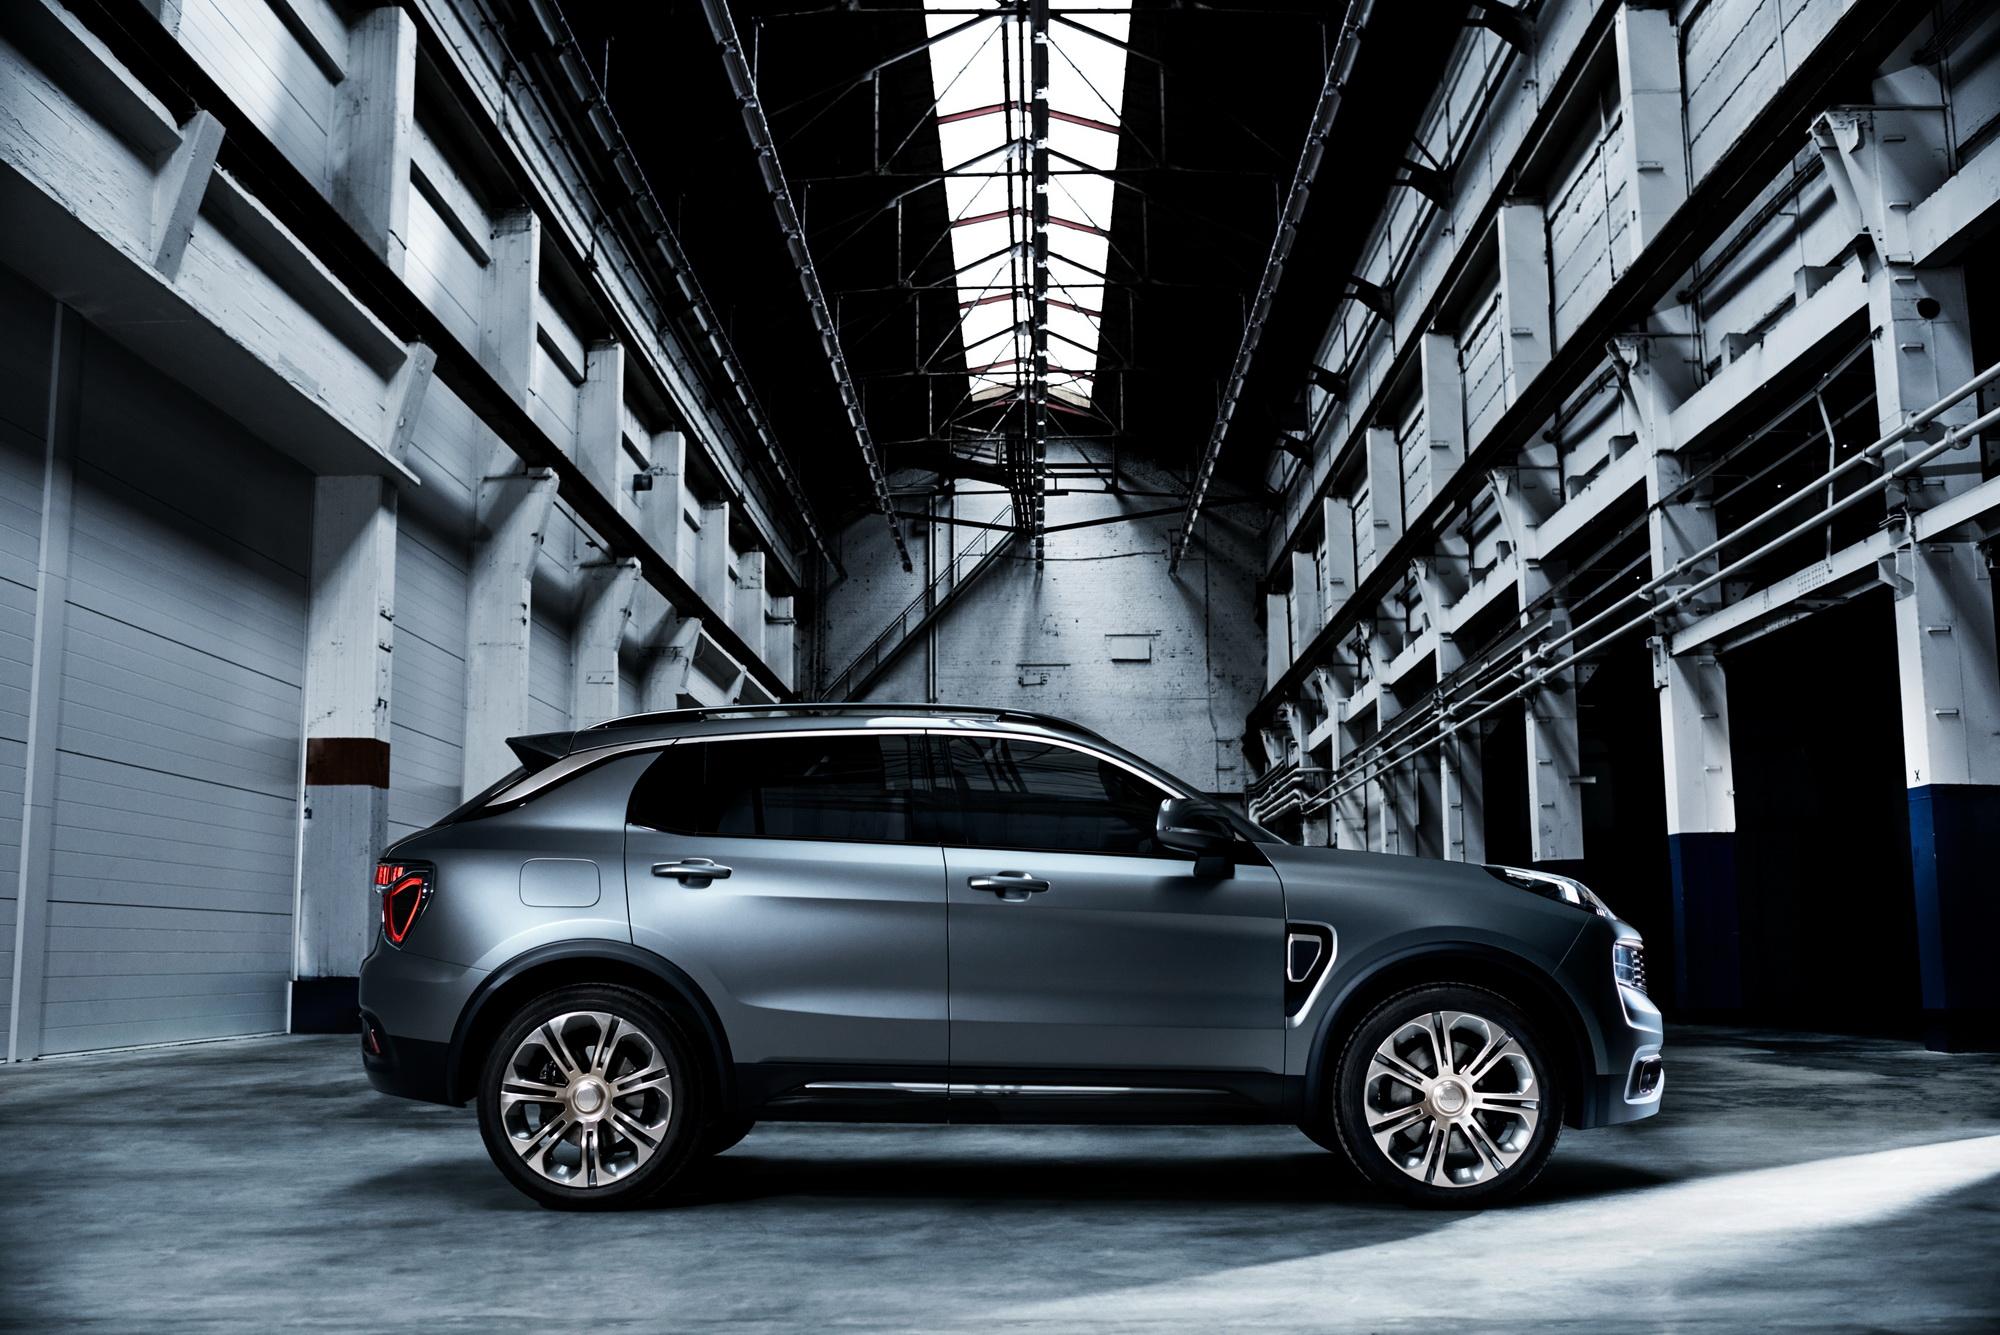 ВЯндексе появился ТОП-3 самых ожидаемых новинок авто 2017 года